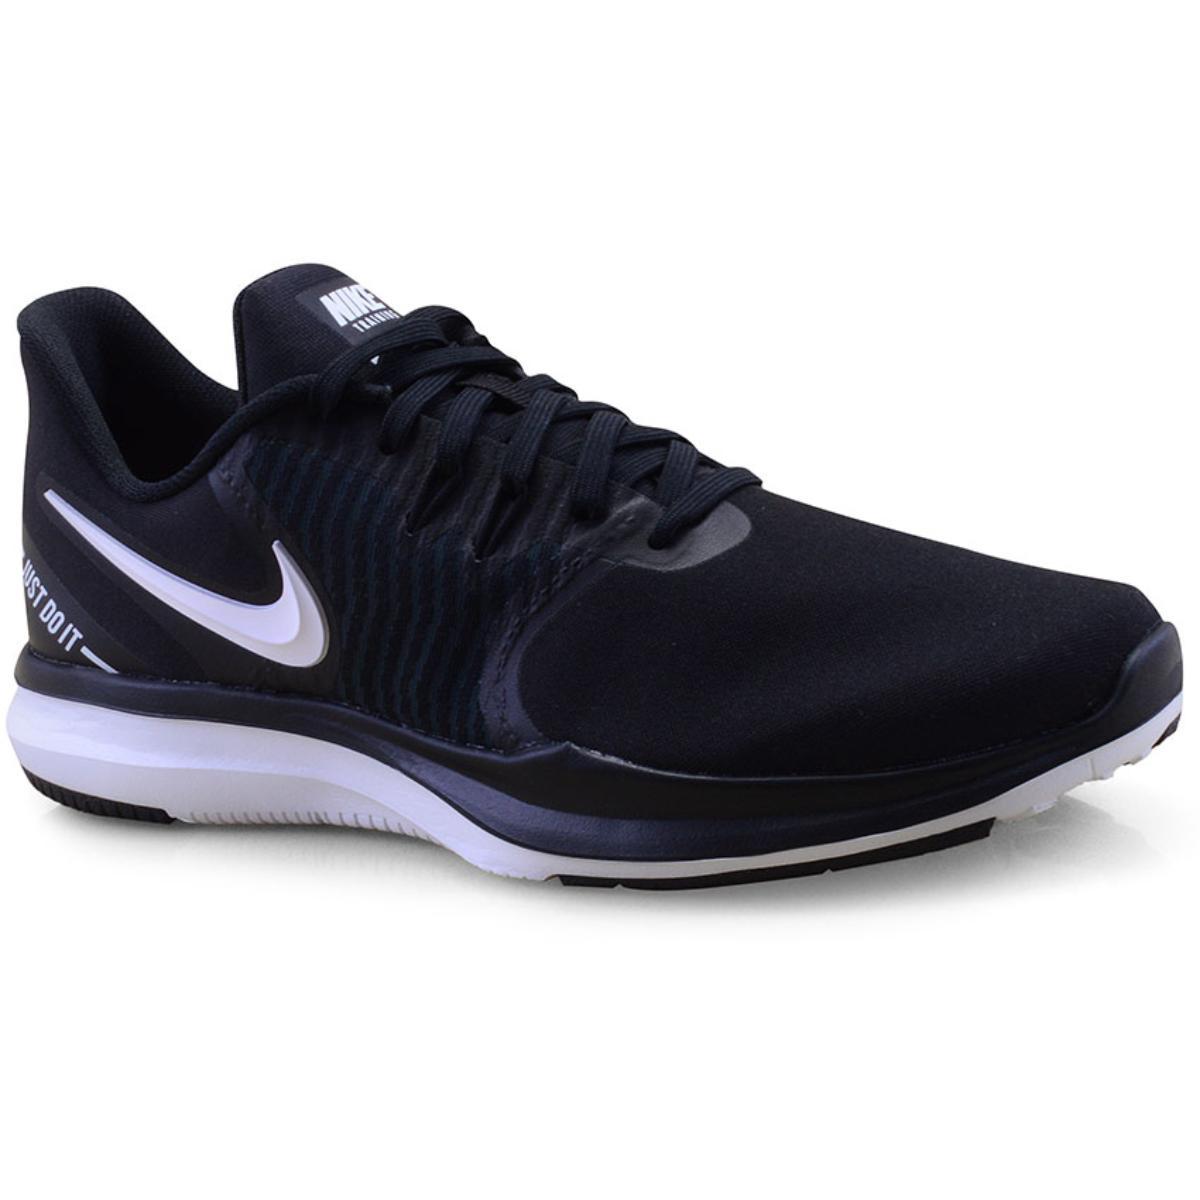 Tênis Feminino Nike Aa7773-001 in Season tr 8 Preto/branco